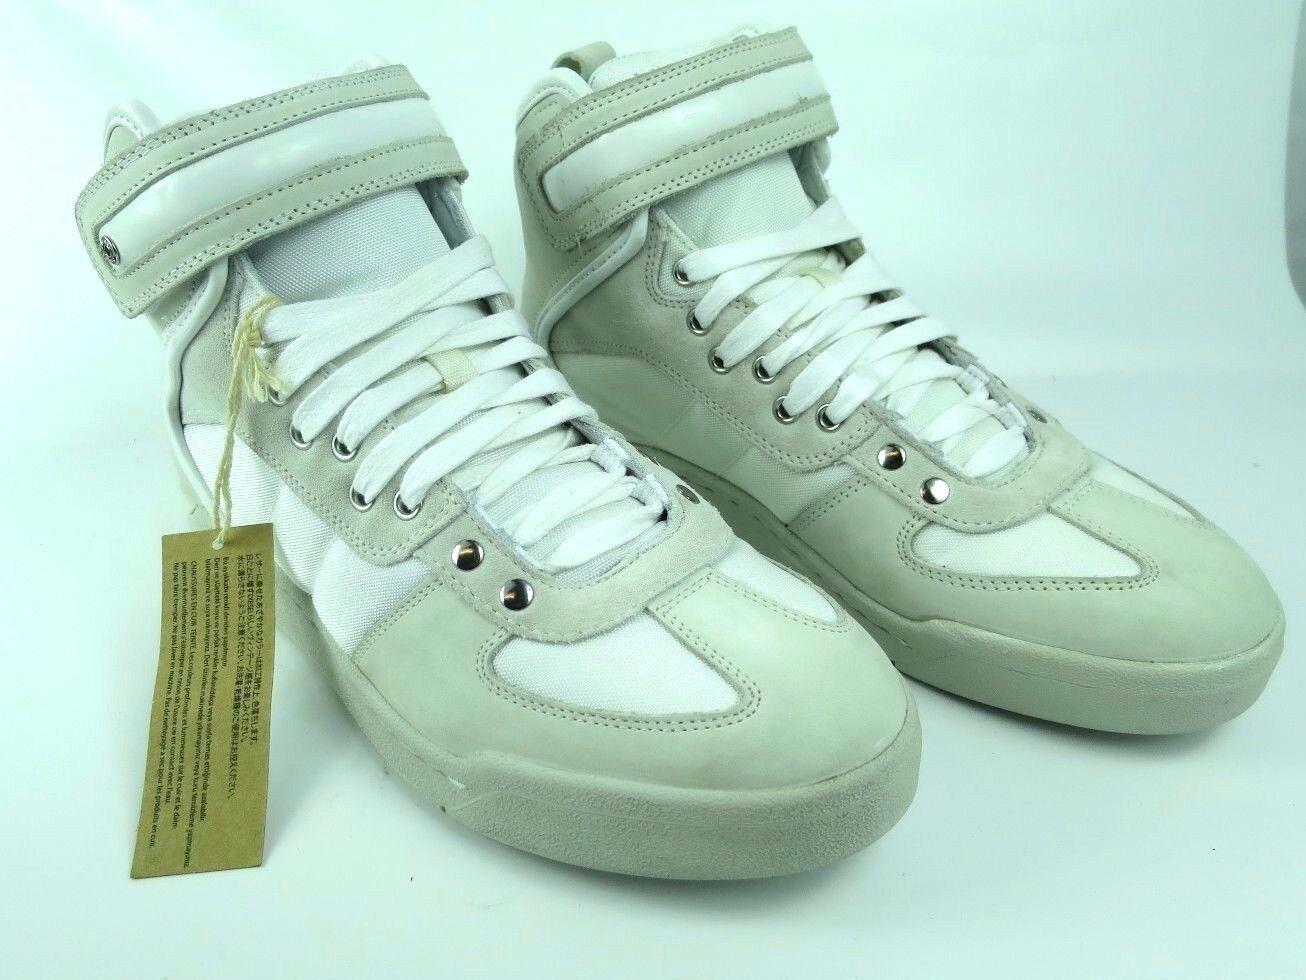 DIESEL Sneaker S-SEYENE Herren Leder Schuhe Sneakers Men Shoes Weiß Y1154 NEU B3